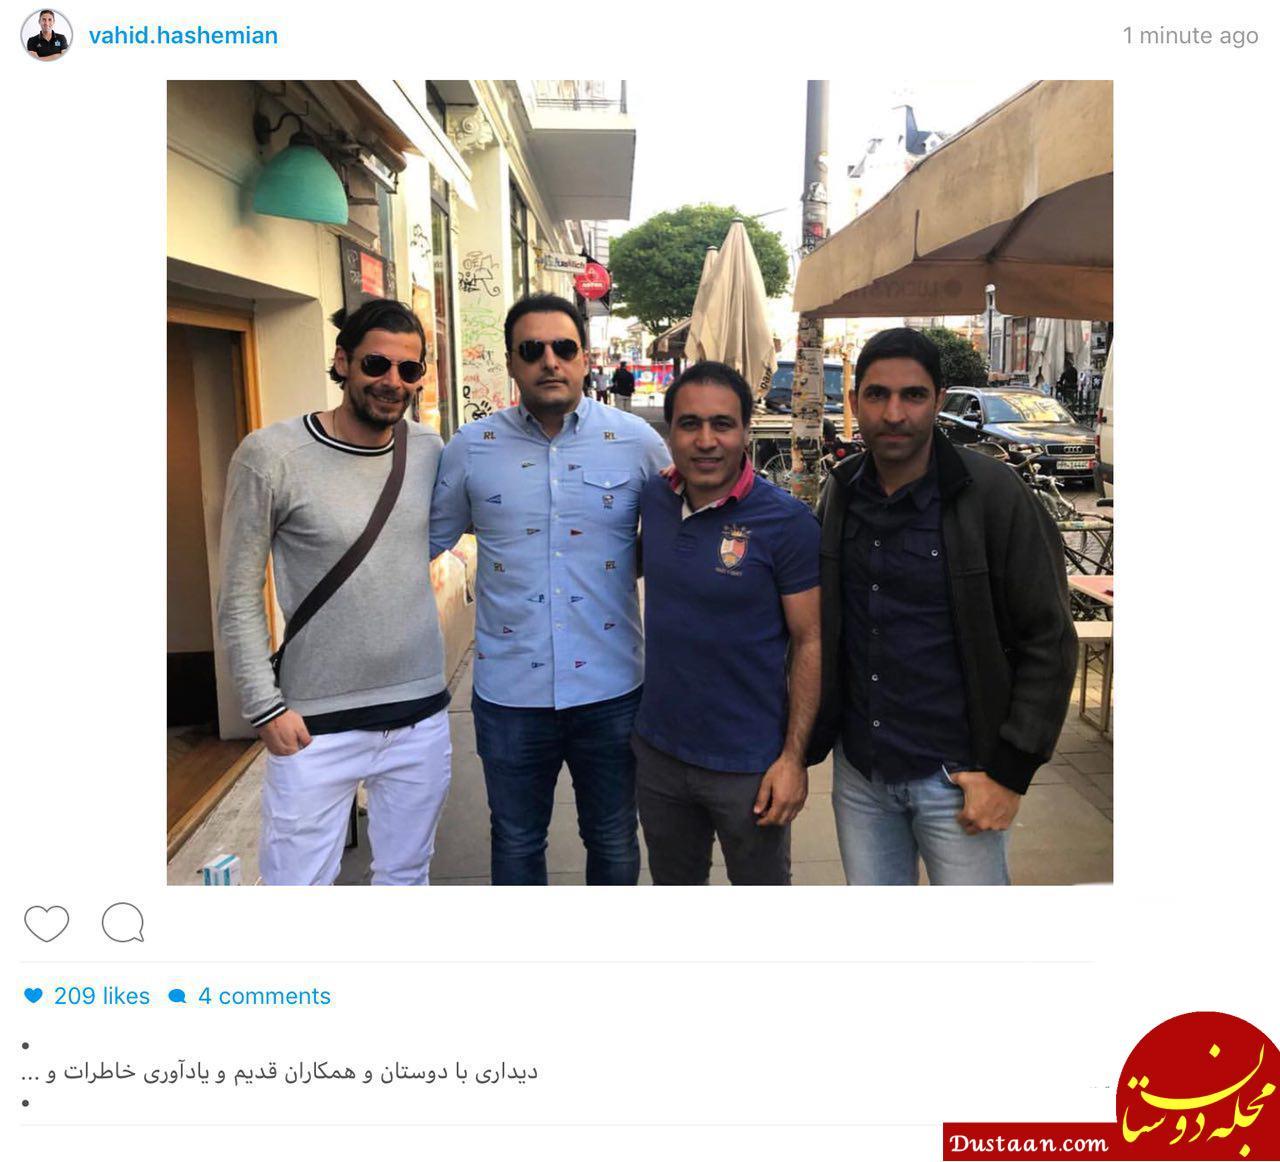 www.dustaan.com ملی پوشان سال های نه چندان دور در یک قاب! +عکس